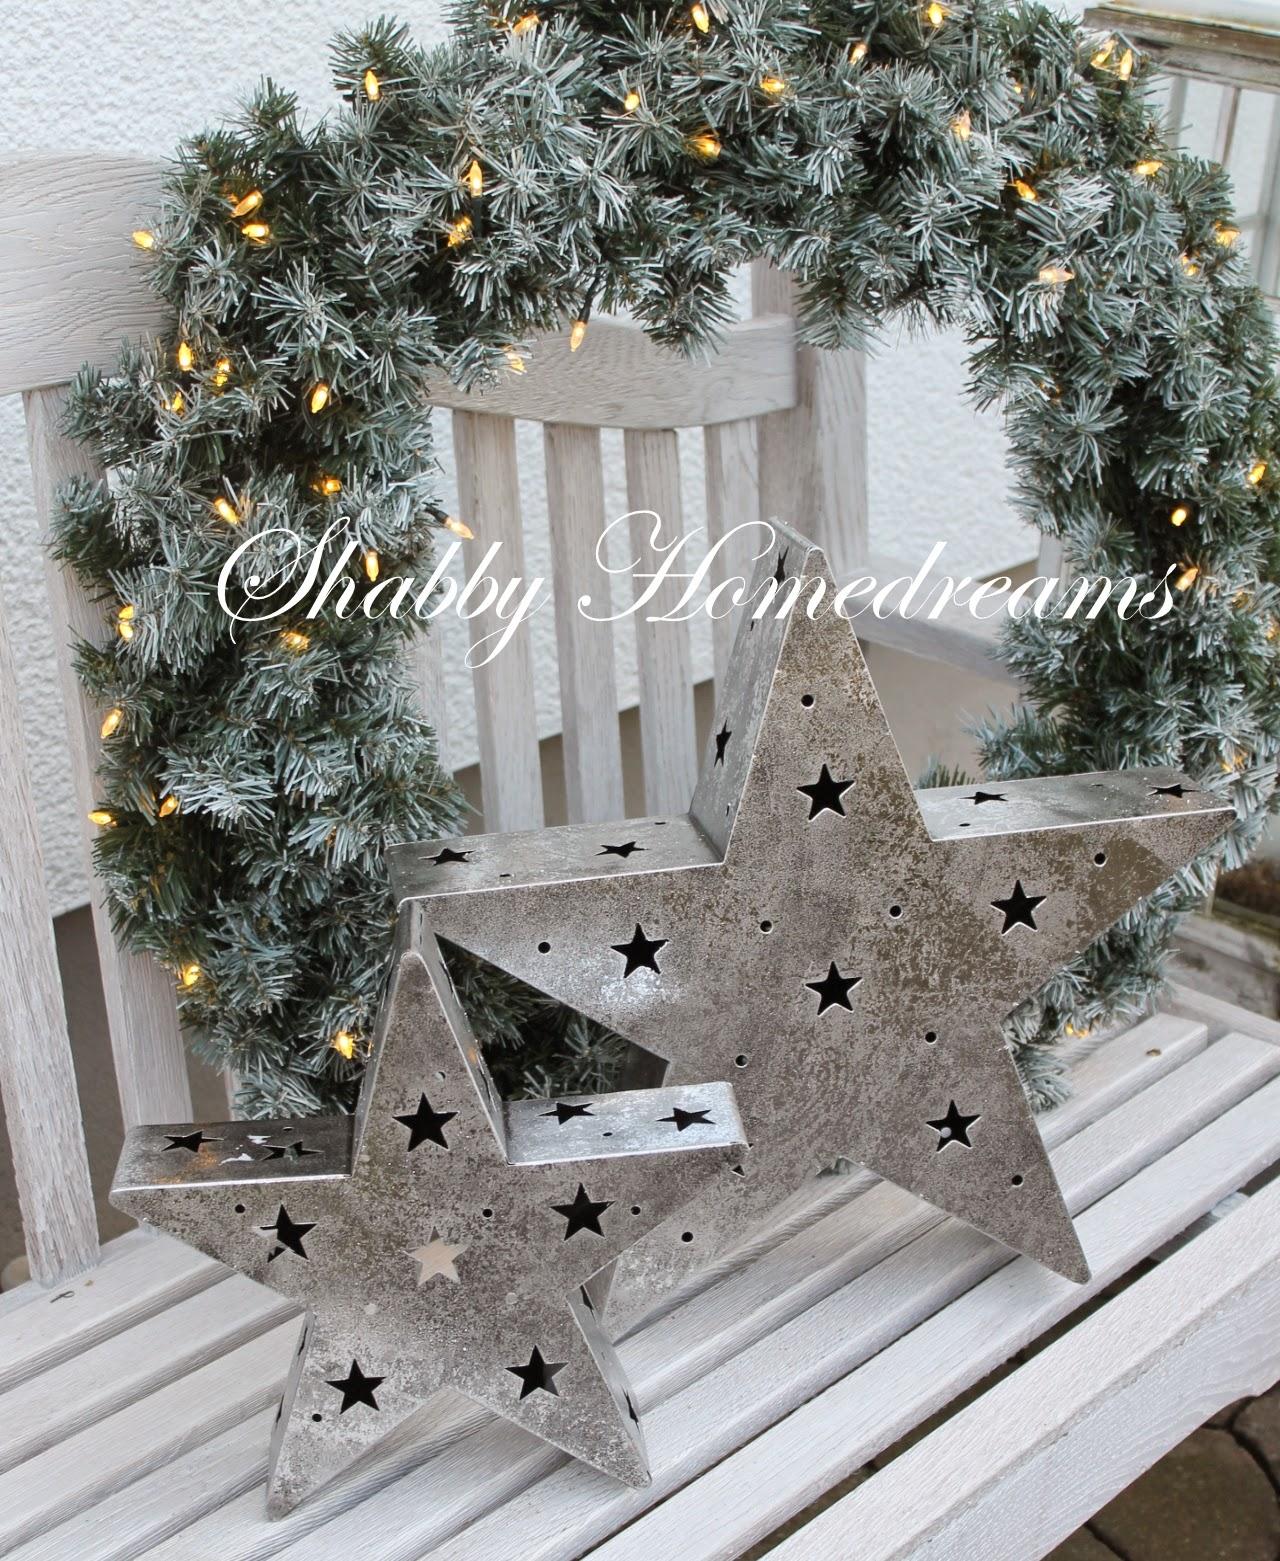 shabby homedreams nur noch 37 tage bis weihnachten. Black Bedroom Furniture Sets. Home Design Ideas